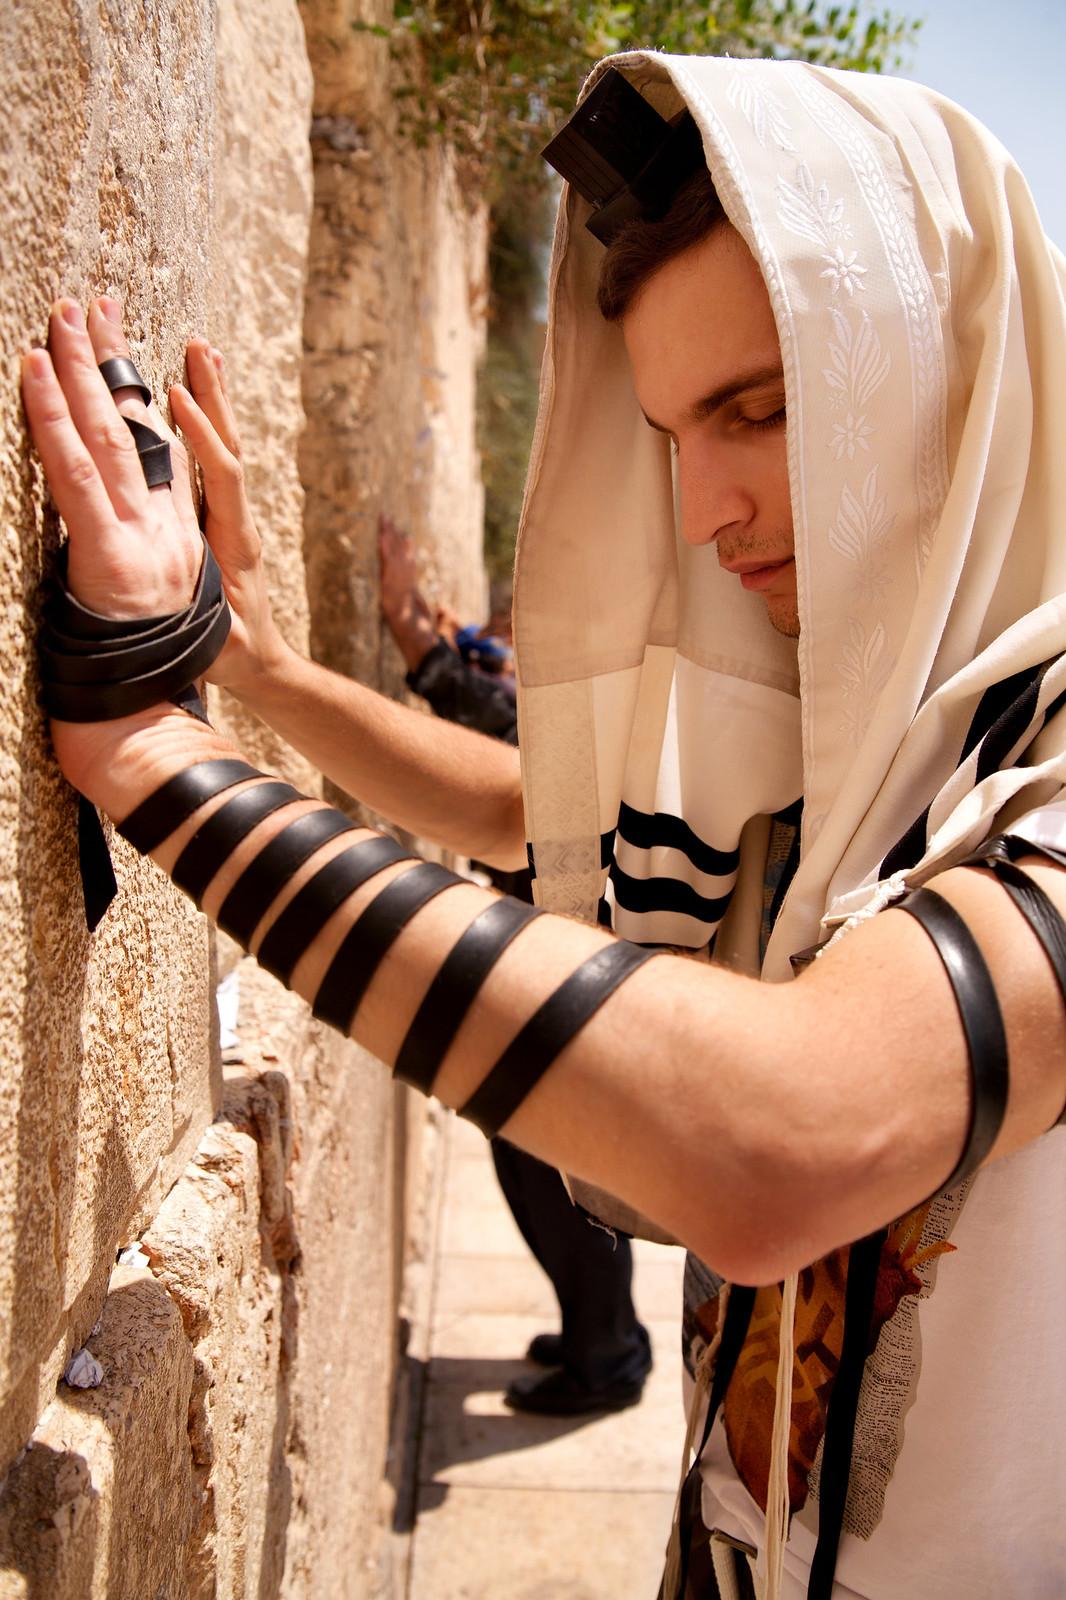 Jersusalem_Western Wall_Tefillin_8_Noam Chen_IMOT